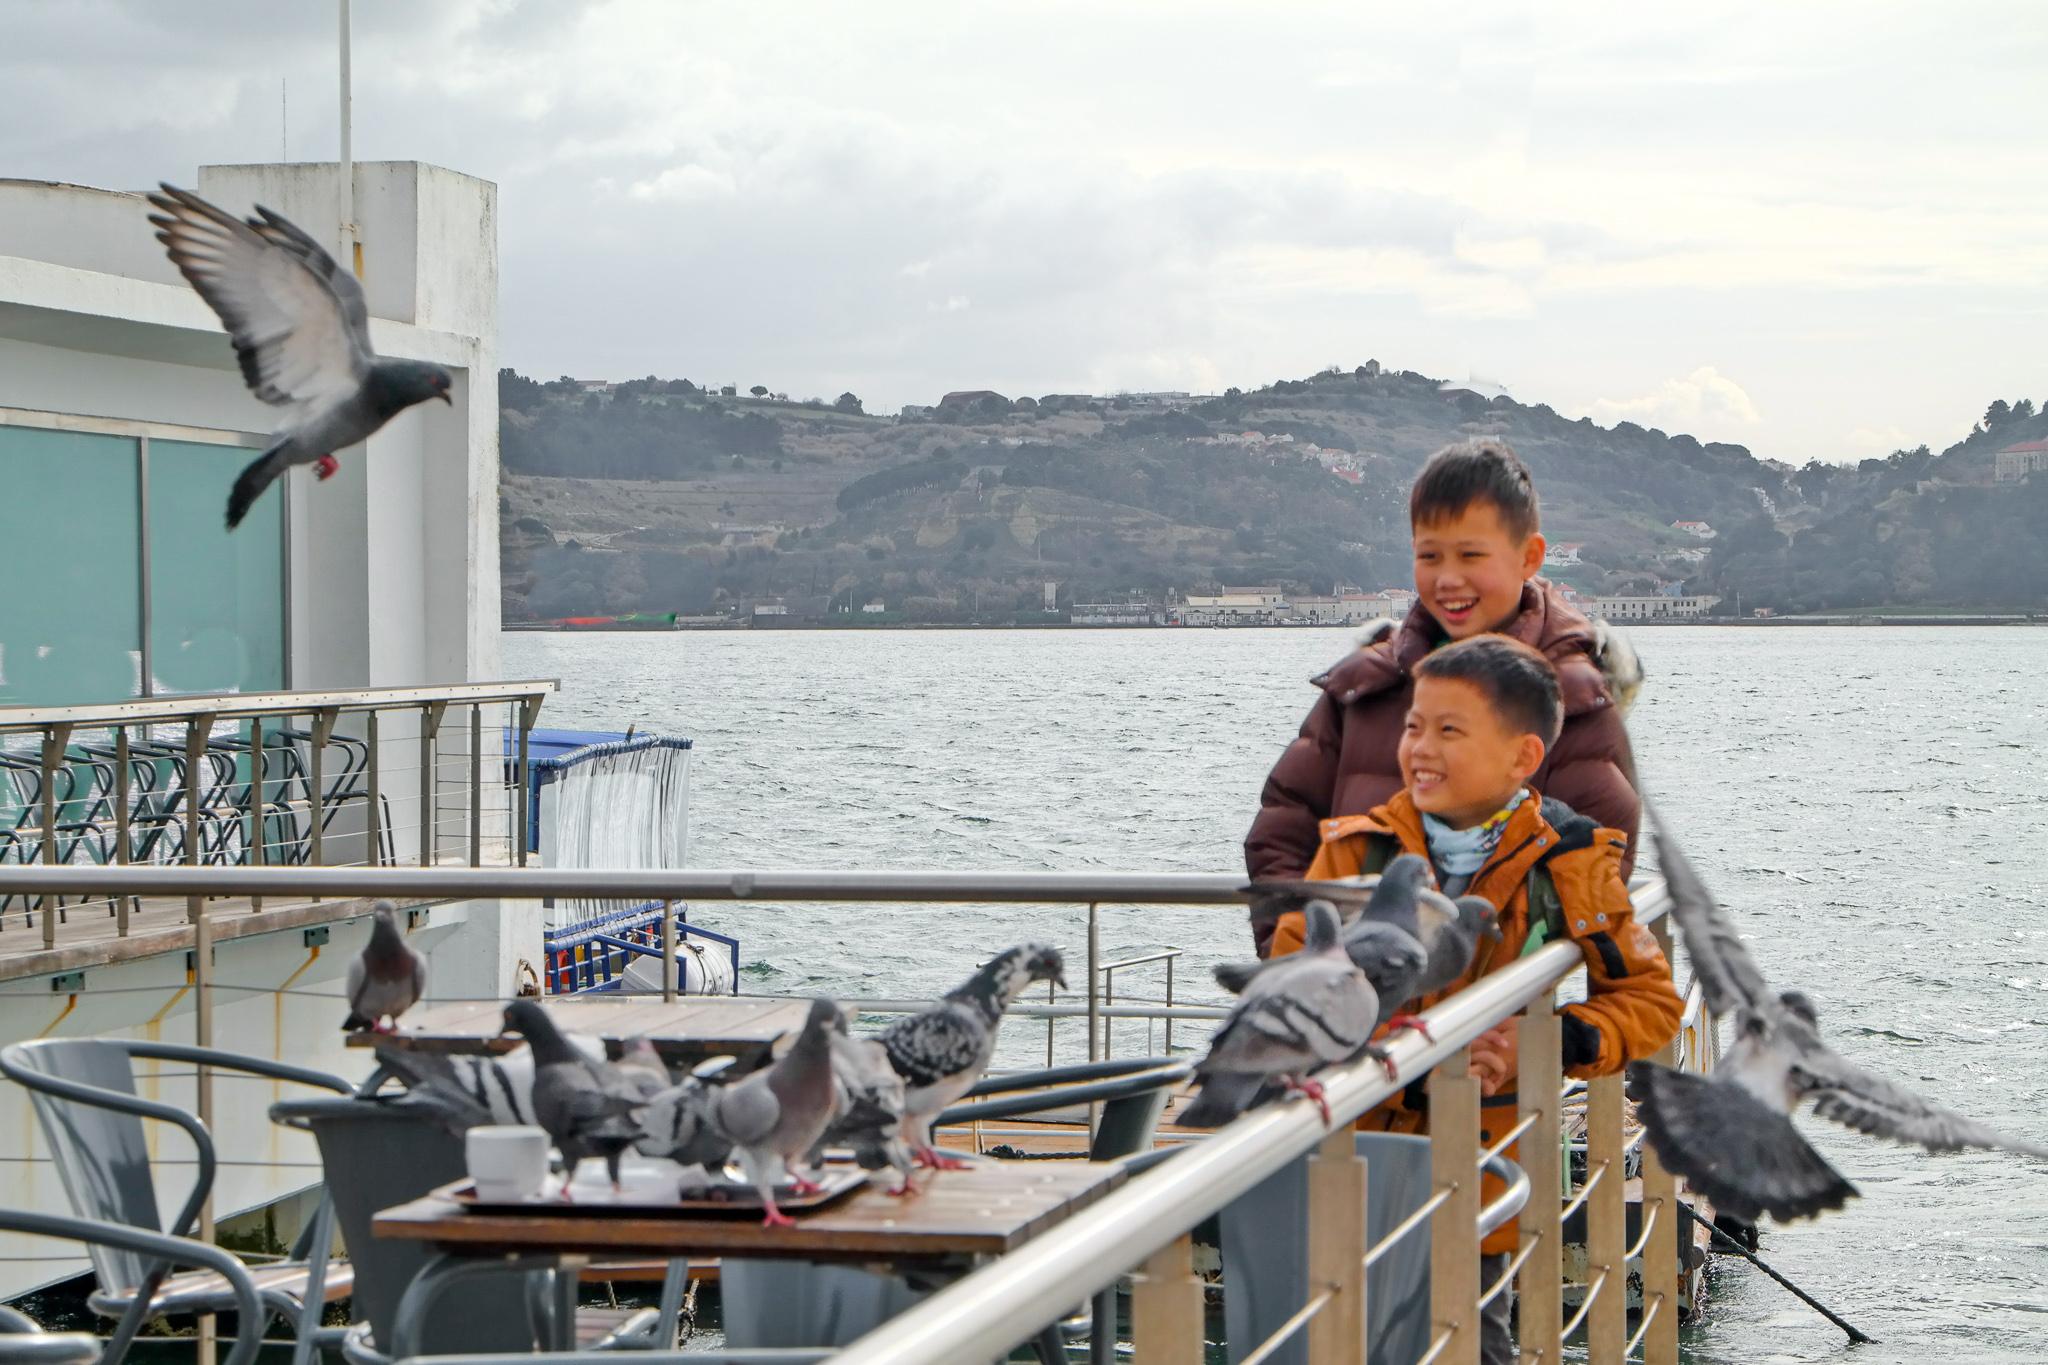 Belém ligger bara en kort busstur från Lissabon men känns som en fiskeby med lugn lunk.